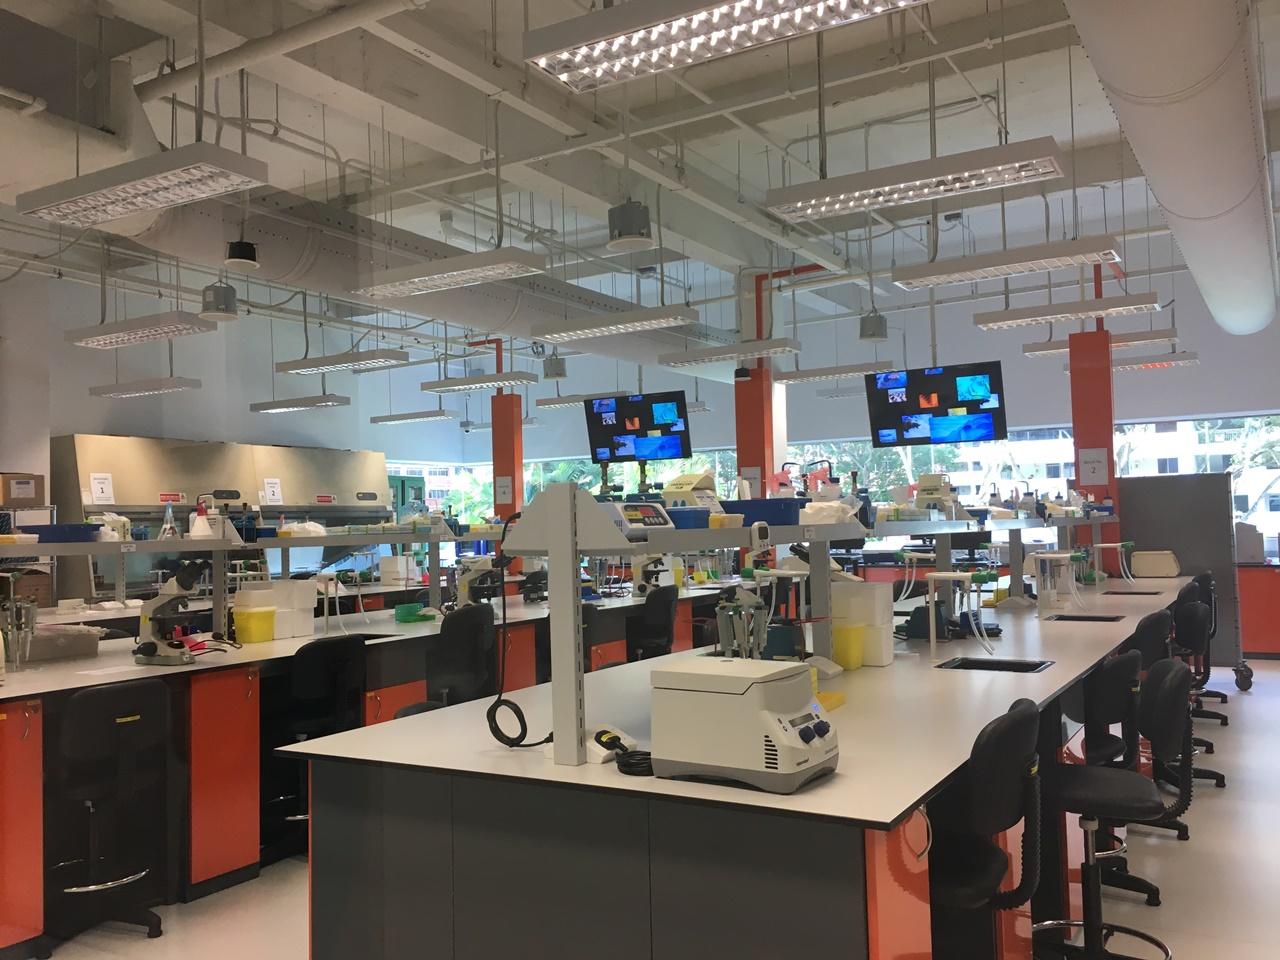 Du học Singapore ngành công nghệ tại Học viện PSB